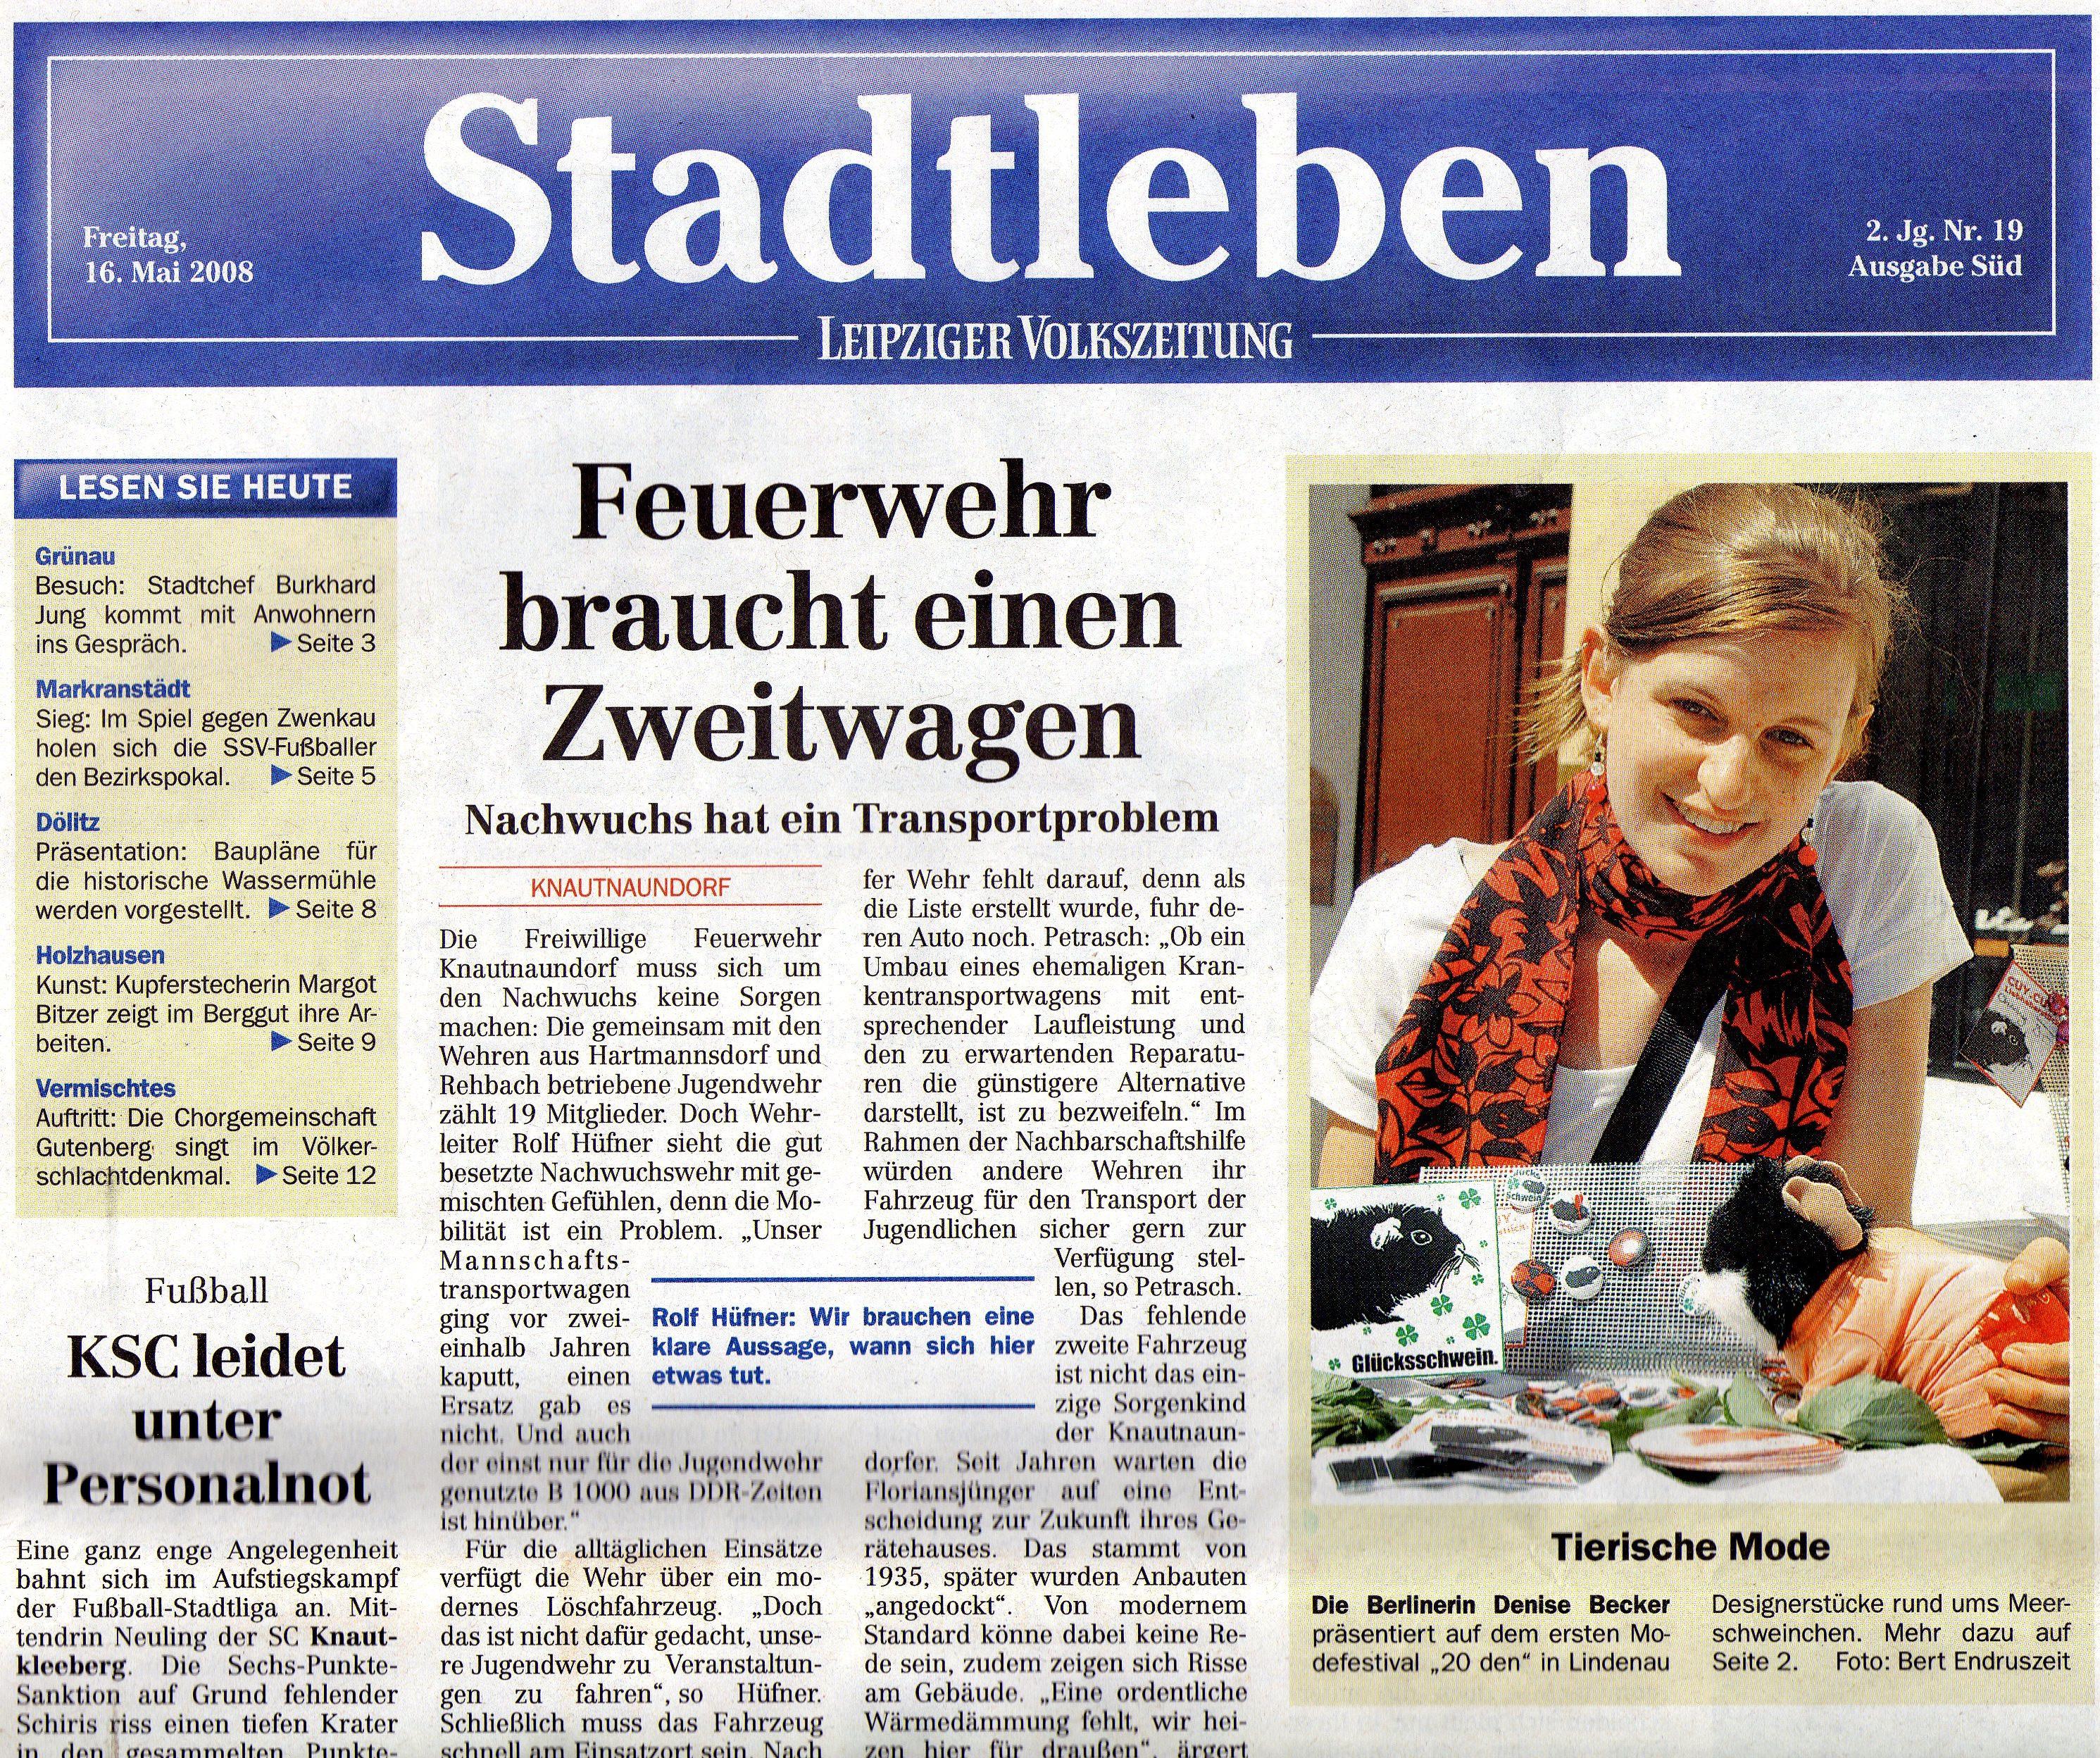 leipziger-volkszeitung-text